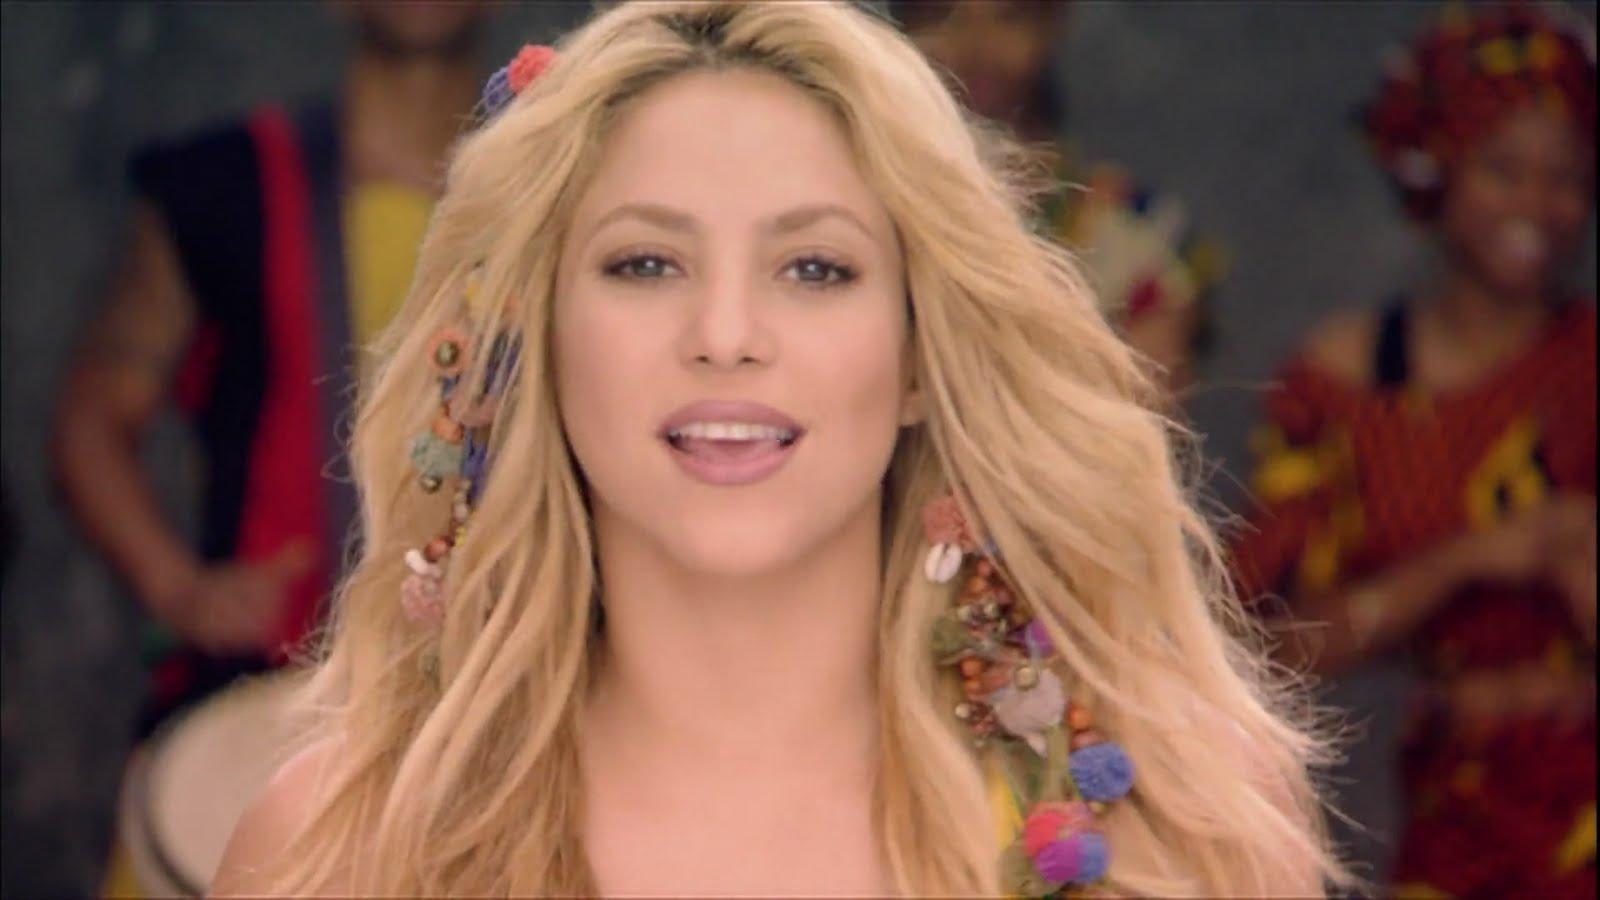 http://2.bp.blogspot.com/_mtOlIyneP-A/TLOY2ndyZMI/AAAAAAAAA4o/U4bUoHW0o3s/s1600/Shakira+-+Waka+Waka+%28Esto+es+Africa%29+%28HD%29.mp4_snapshot_01.28_%5B2010.10.11_19.54.36%5D.jpg